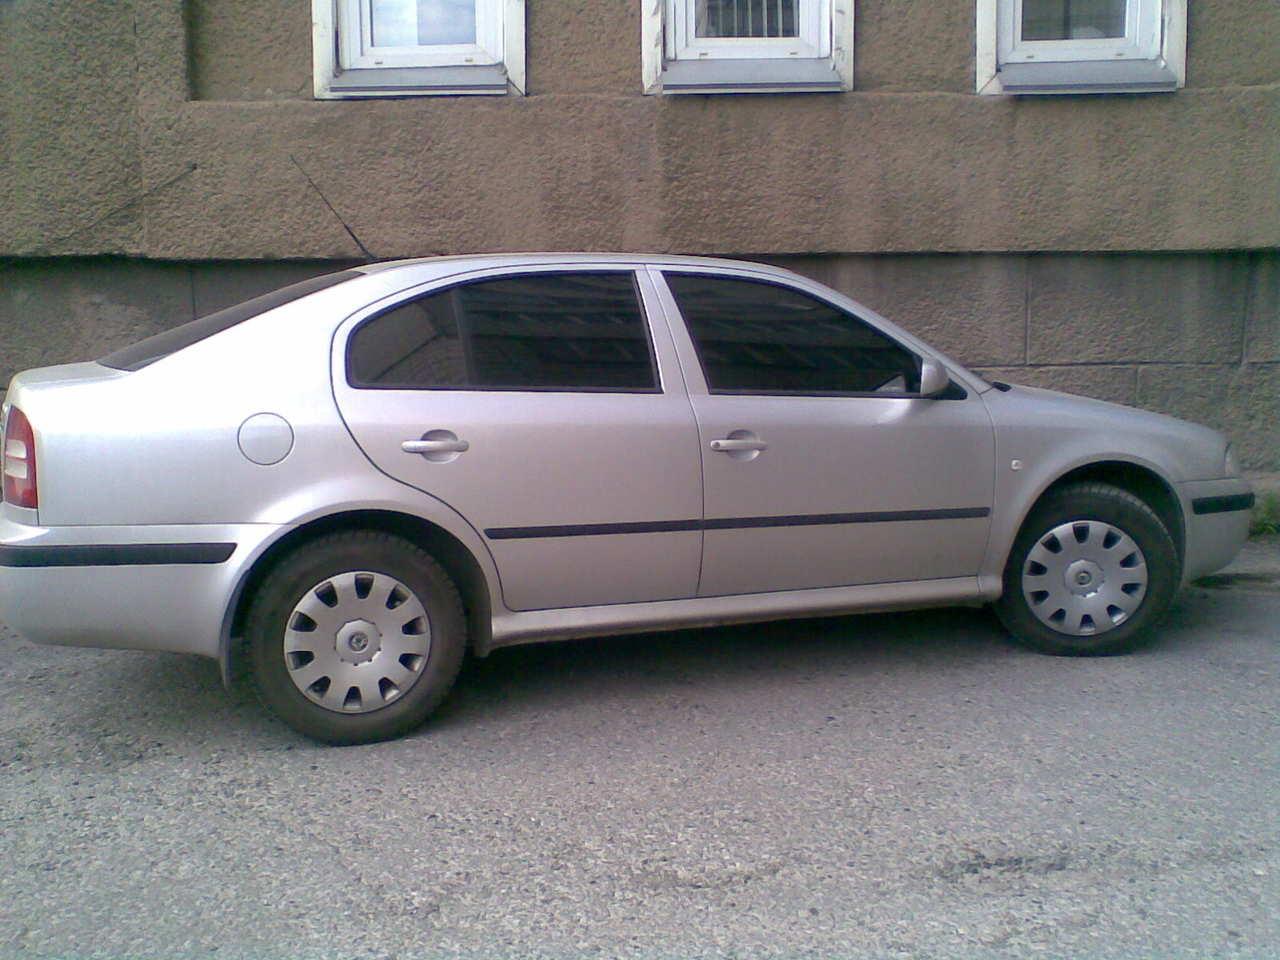 2006 Skoda Octavia Photos 1 4 Gasoline Ff Manual For Sale